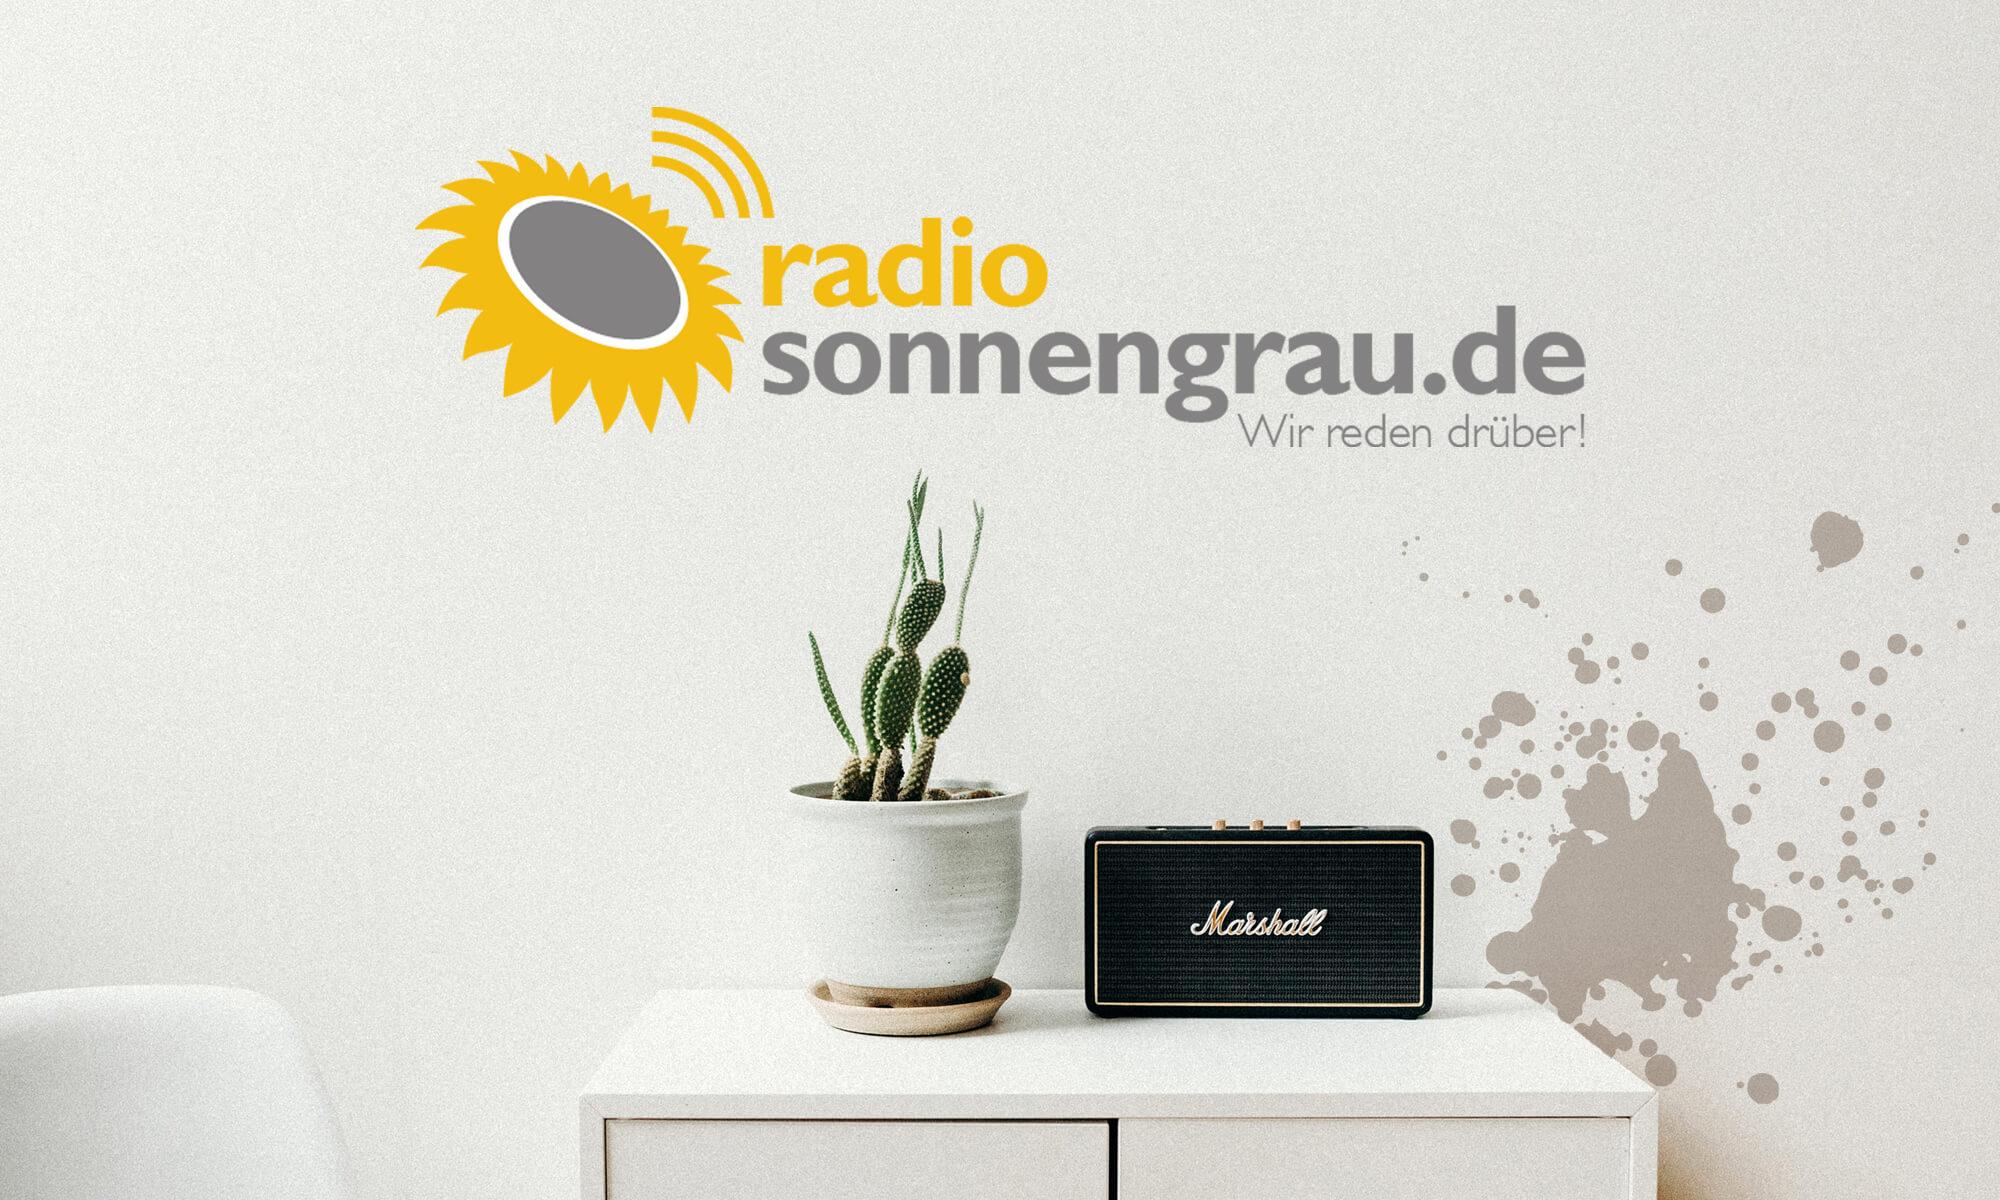 Radio sonnengrau – Logoneugestaltung